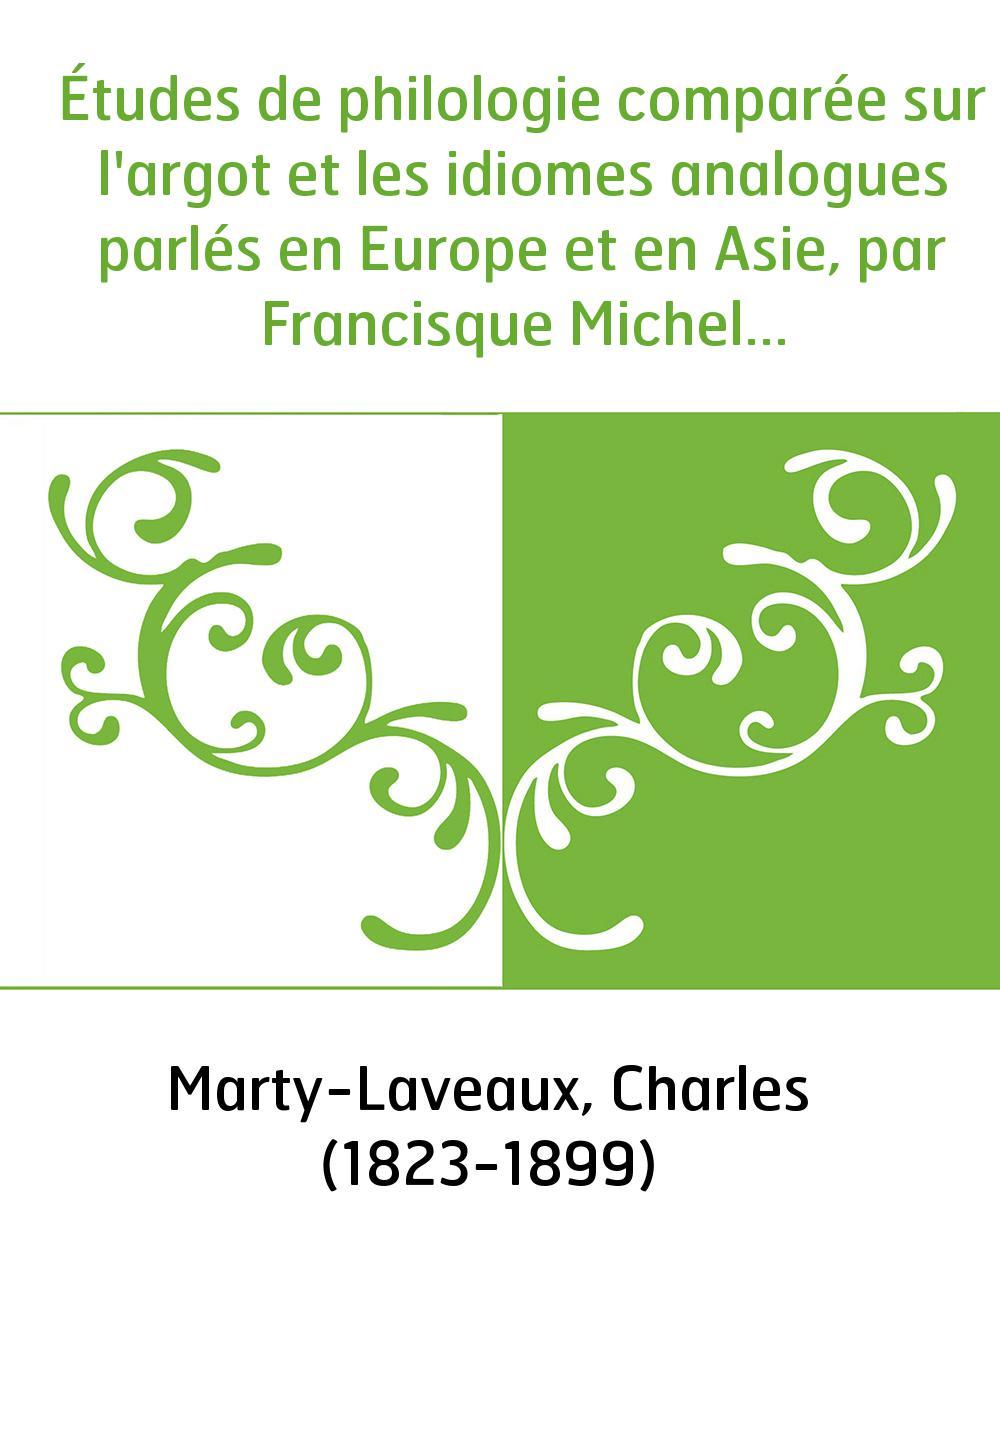 Études de philologie comparée sur l'argot et les idiomes analogues parlés en Europe et en Asie, par Francisque Michel... / [Comp